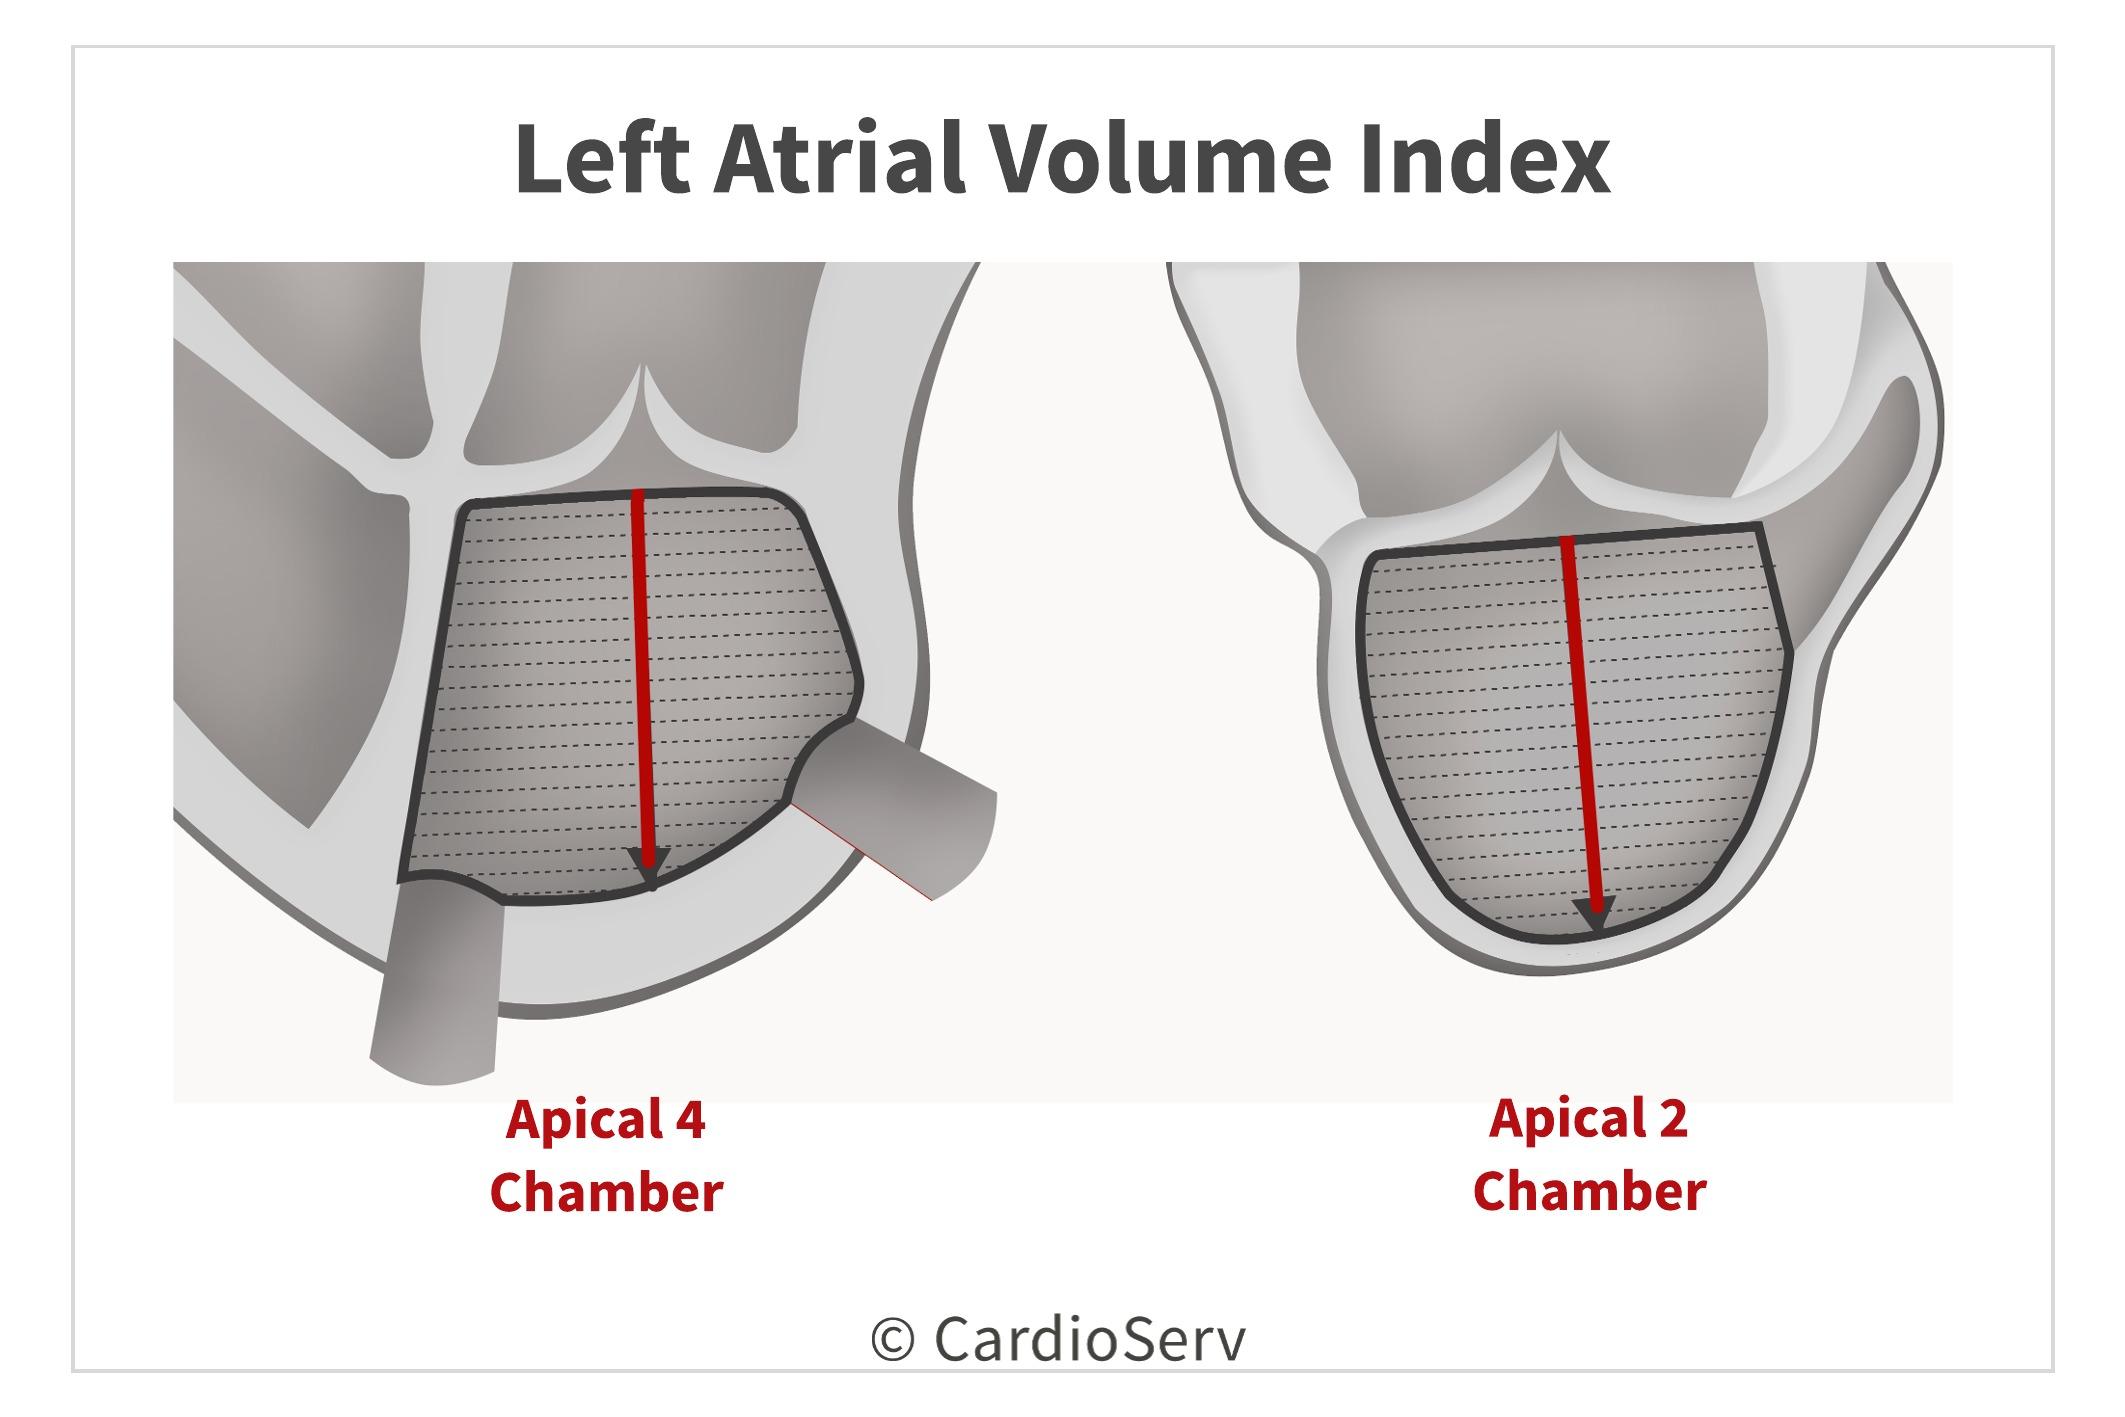 Left Atrial Volume Index